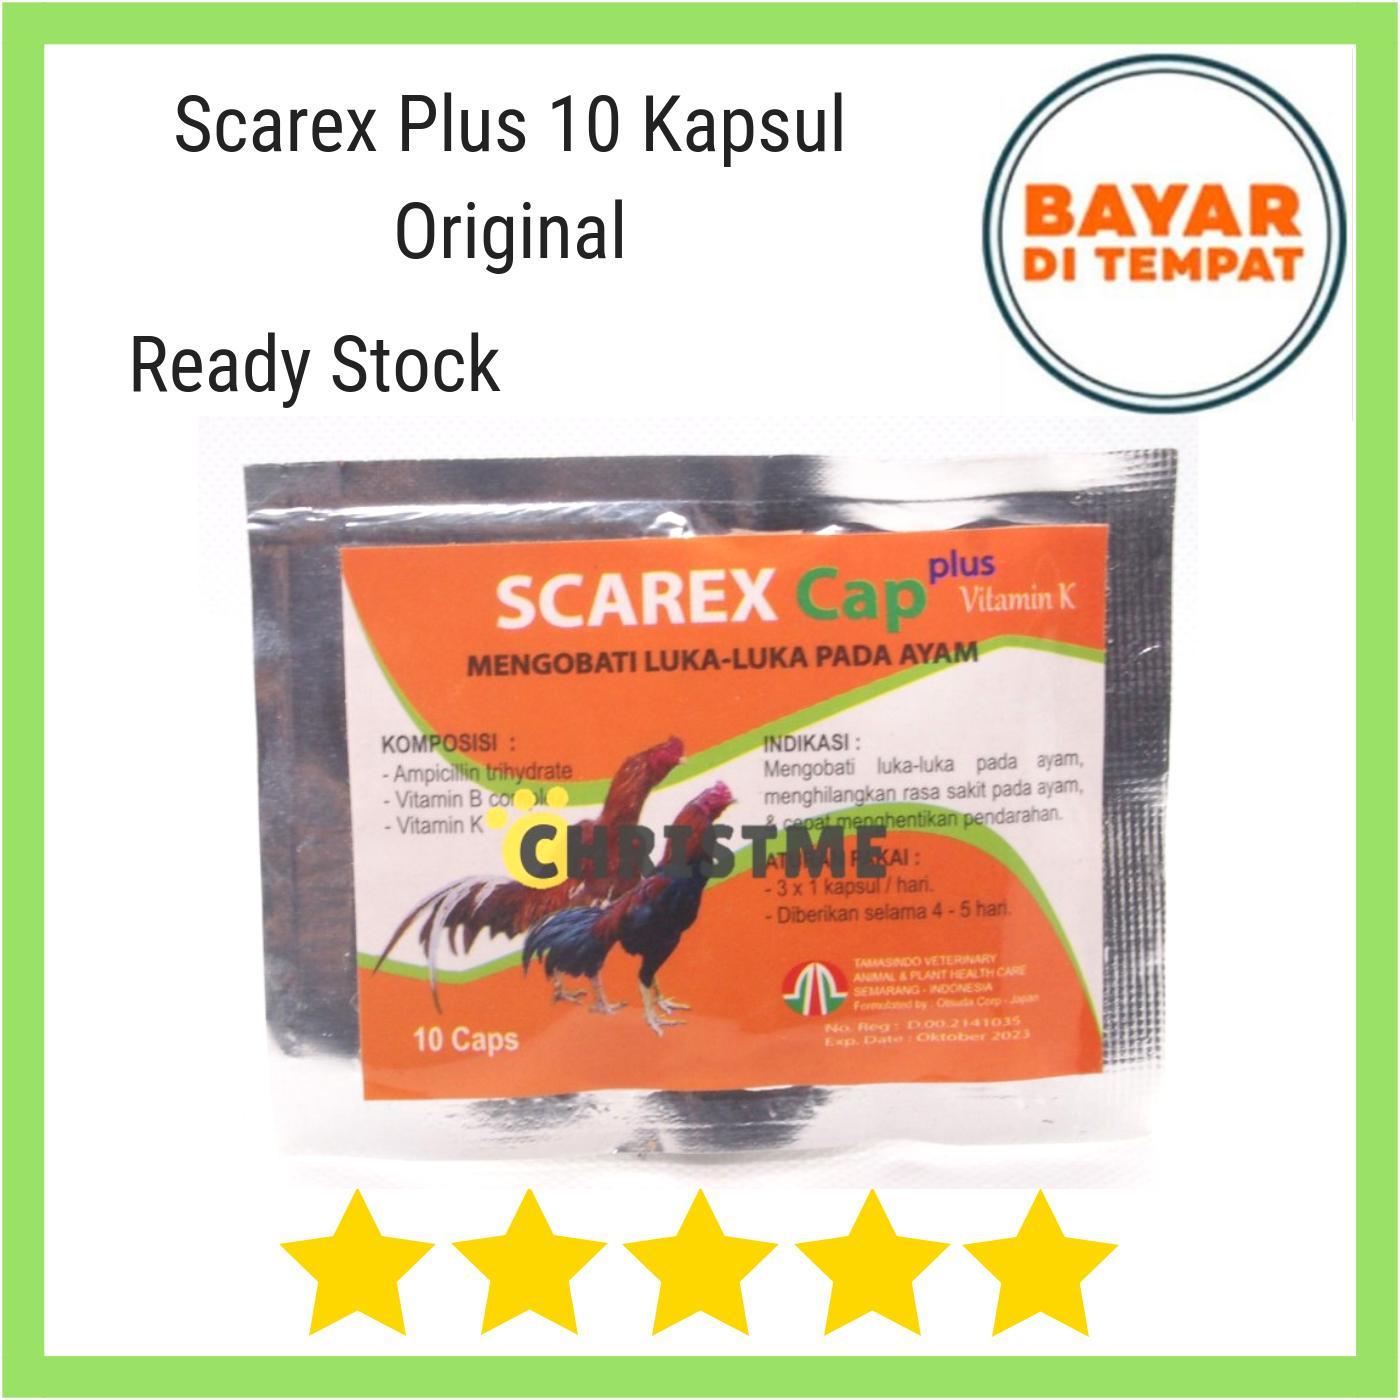 Scarex Capsul 10 Plus Vitamin K- Mengobati Luka-Luka Pada Ayam Aduan